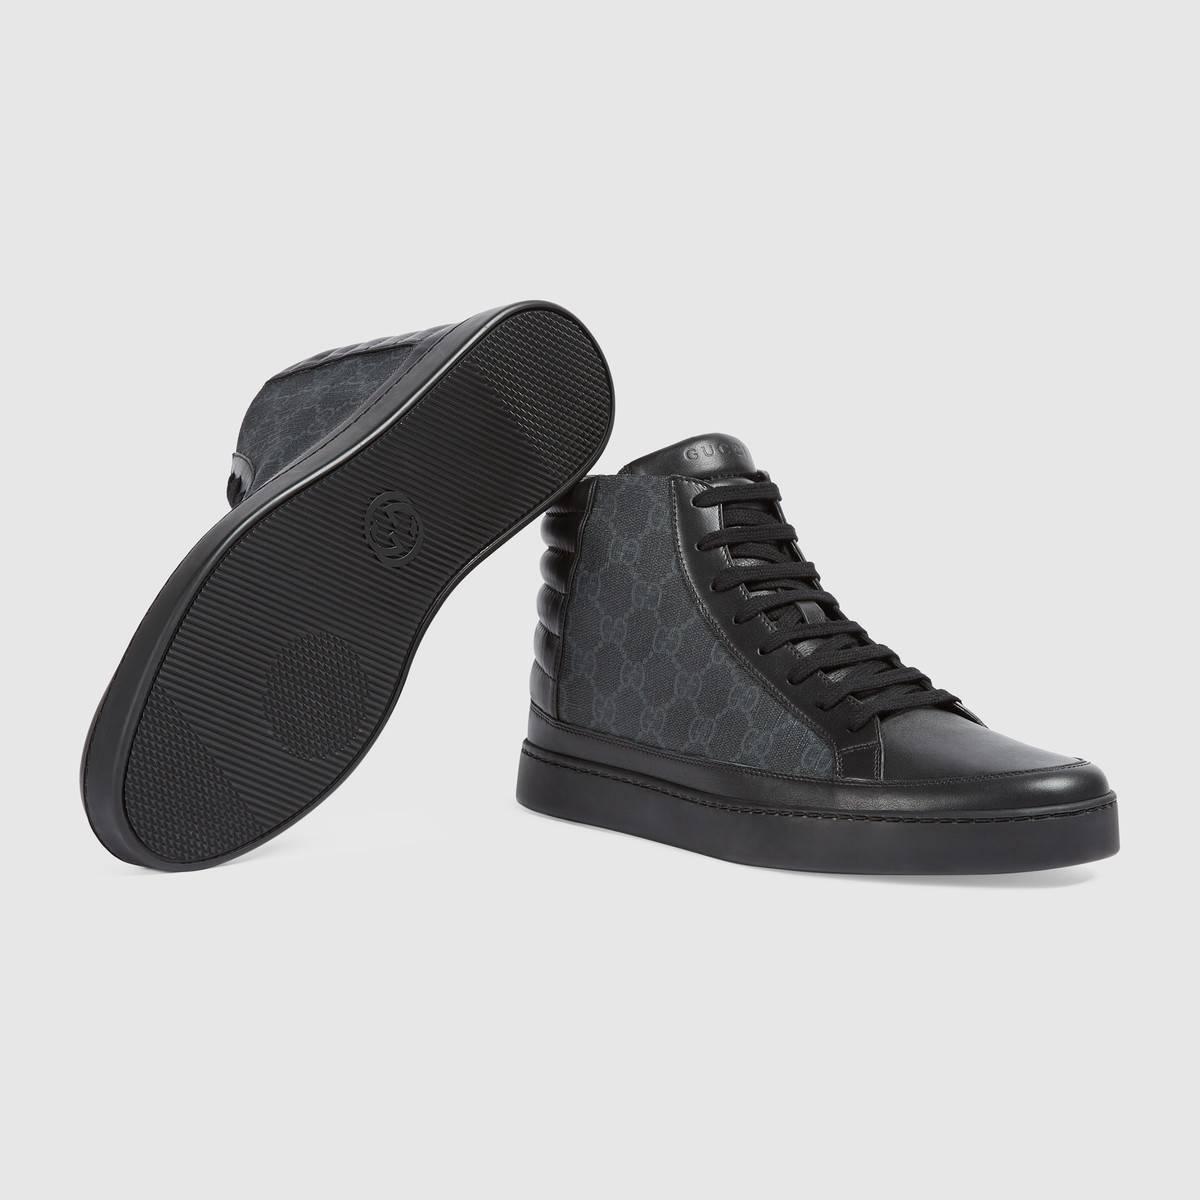 85e07f48ba7 Sneakers alte Gucci uomo prezzo 450 euro ...